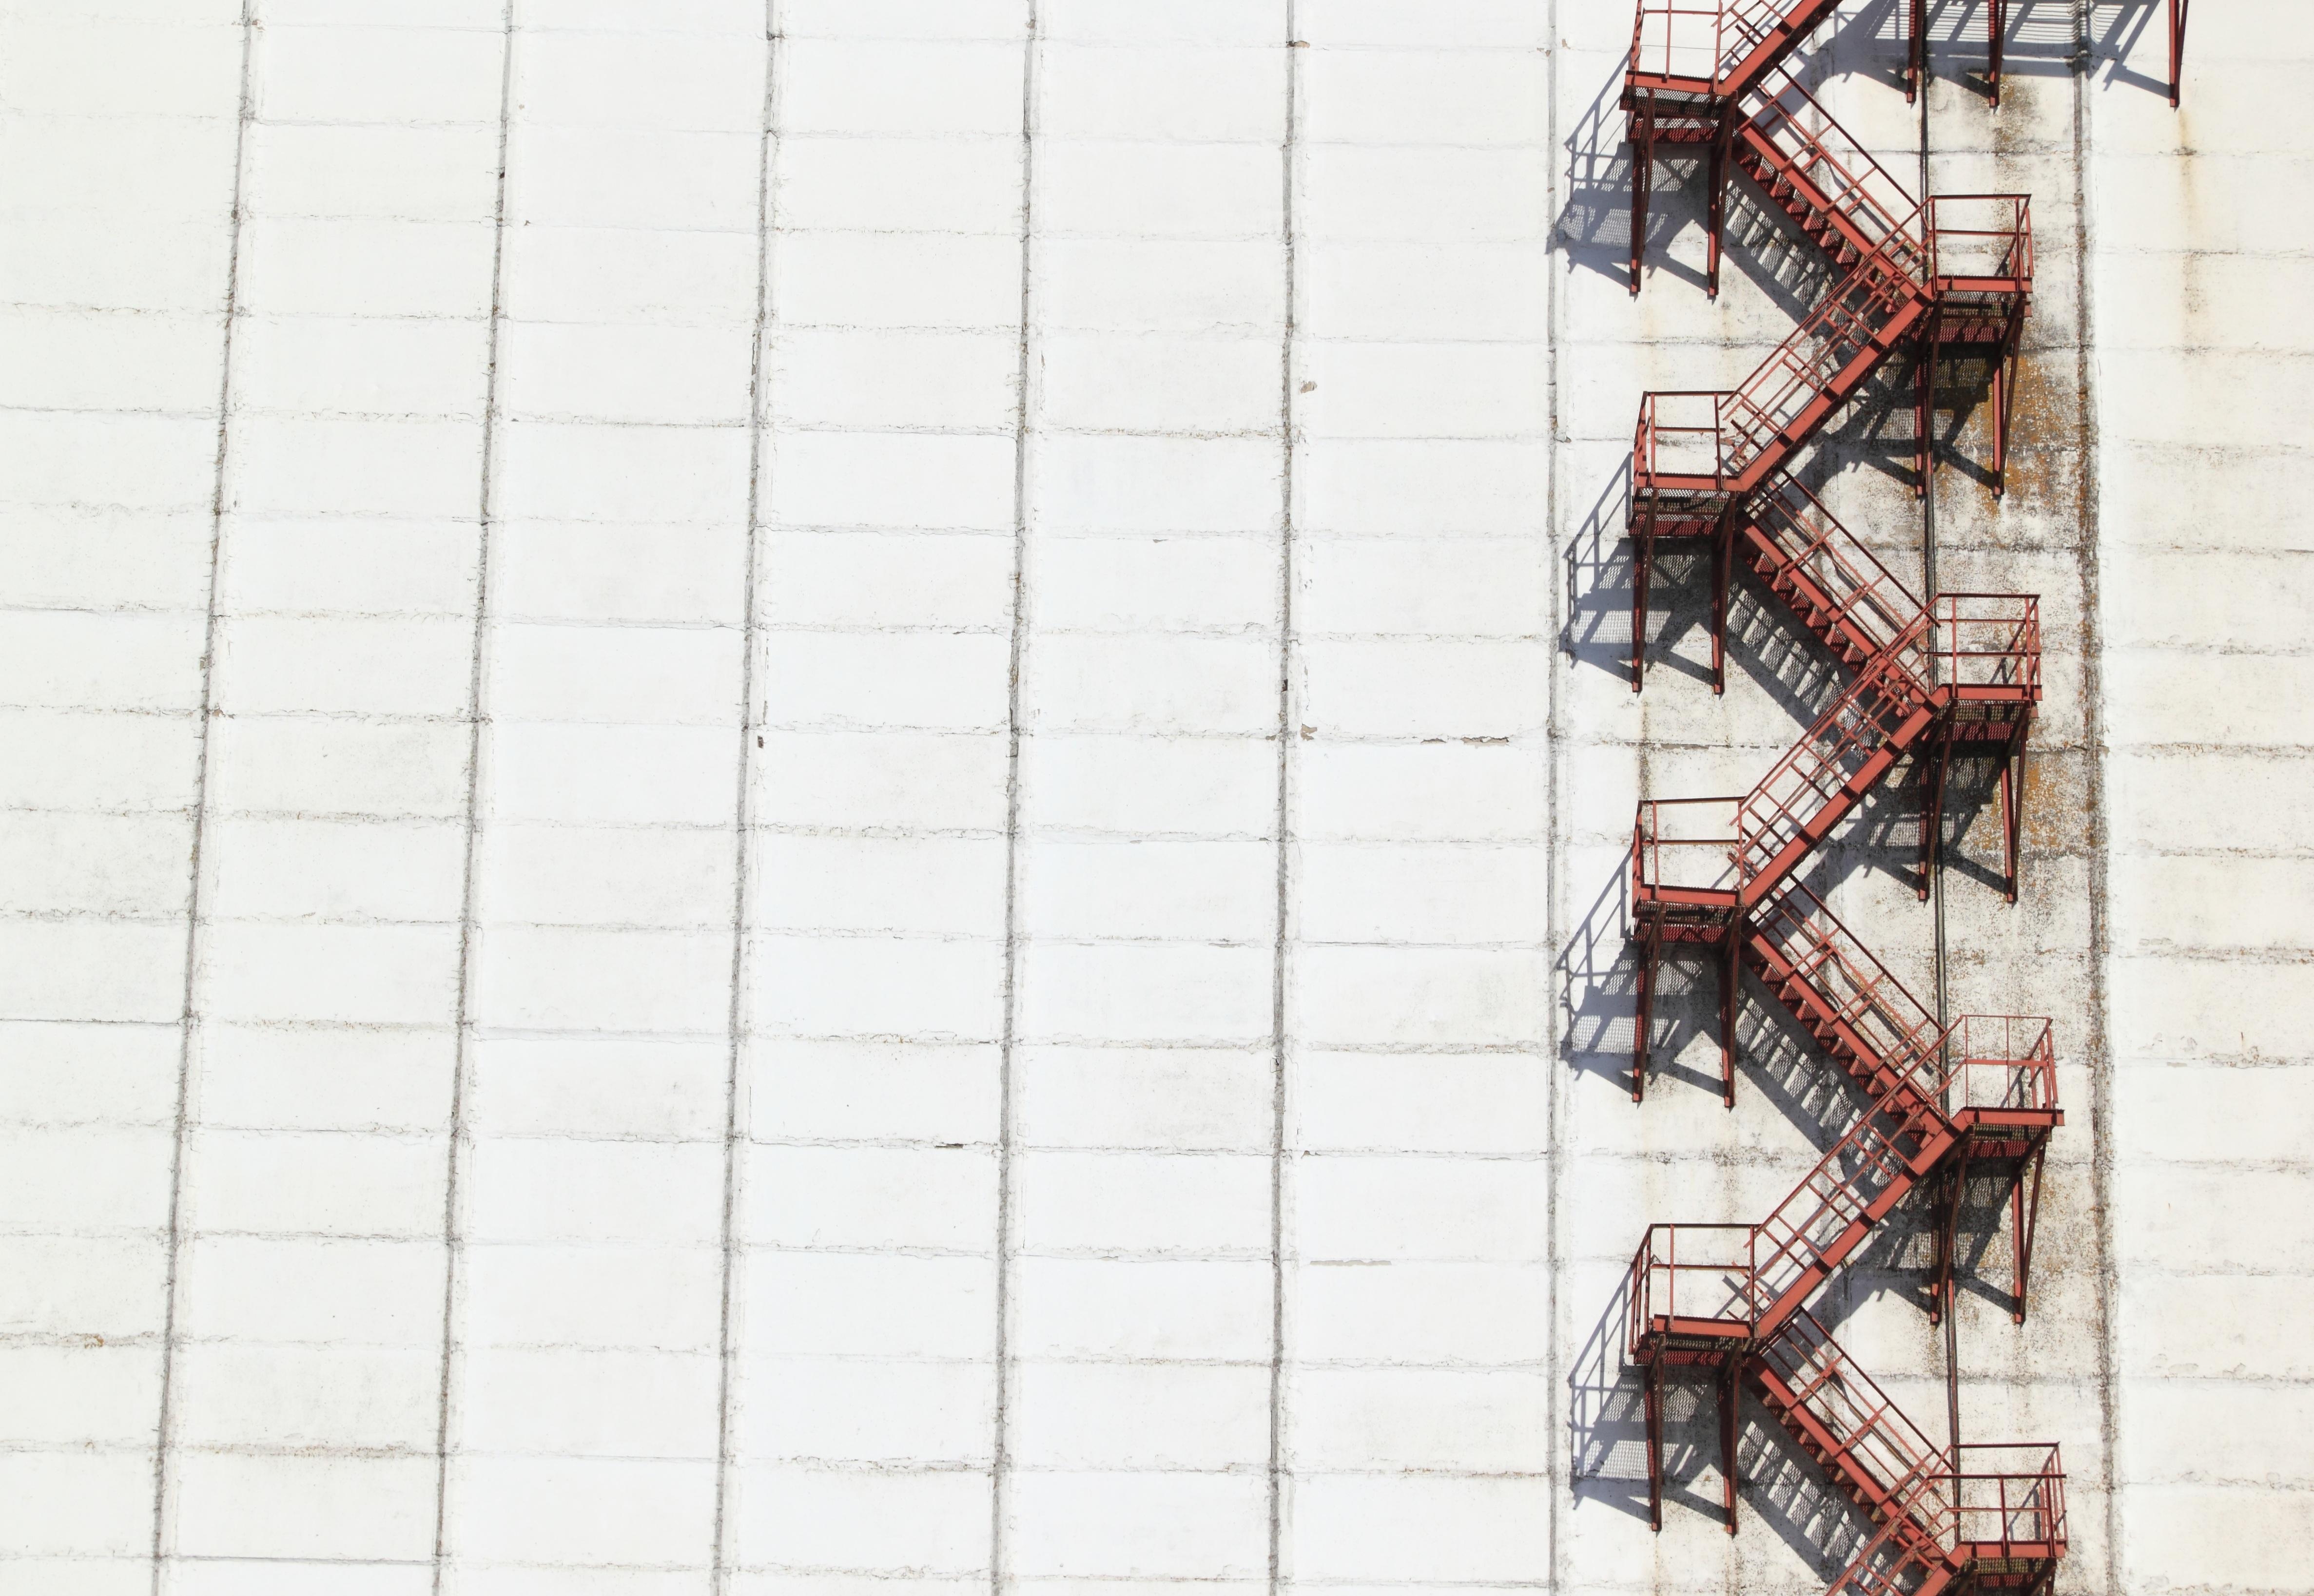 Gambar Arsitektur Struktur Lantai Bangunan Dinding